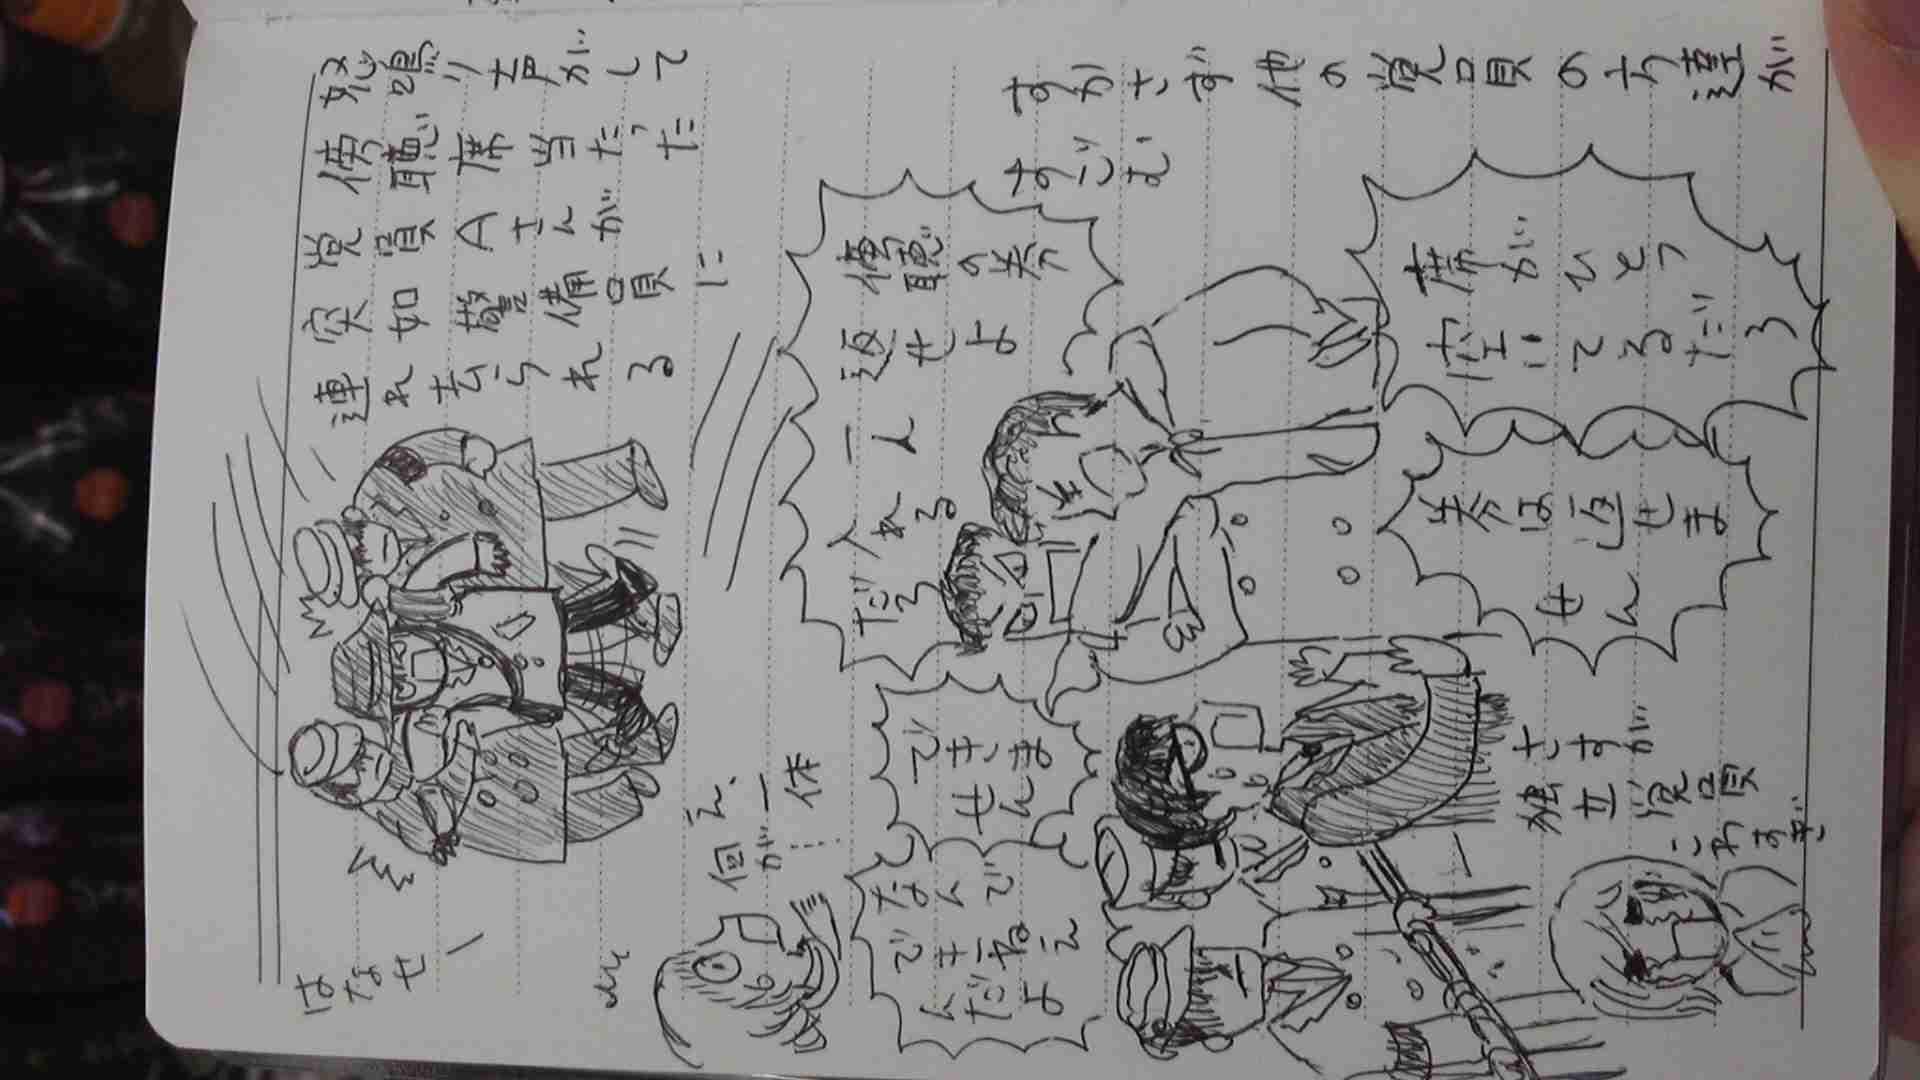 東京高等犯罪所の不正選挙不正裁判顛末記:richardkoshimizu's blog